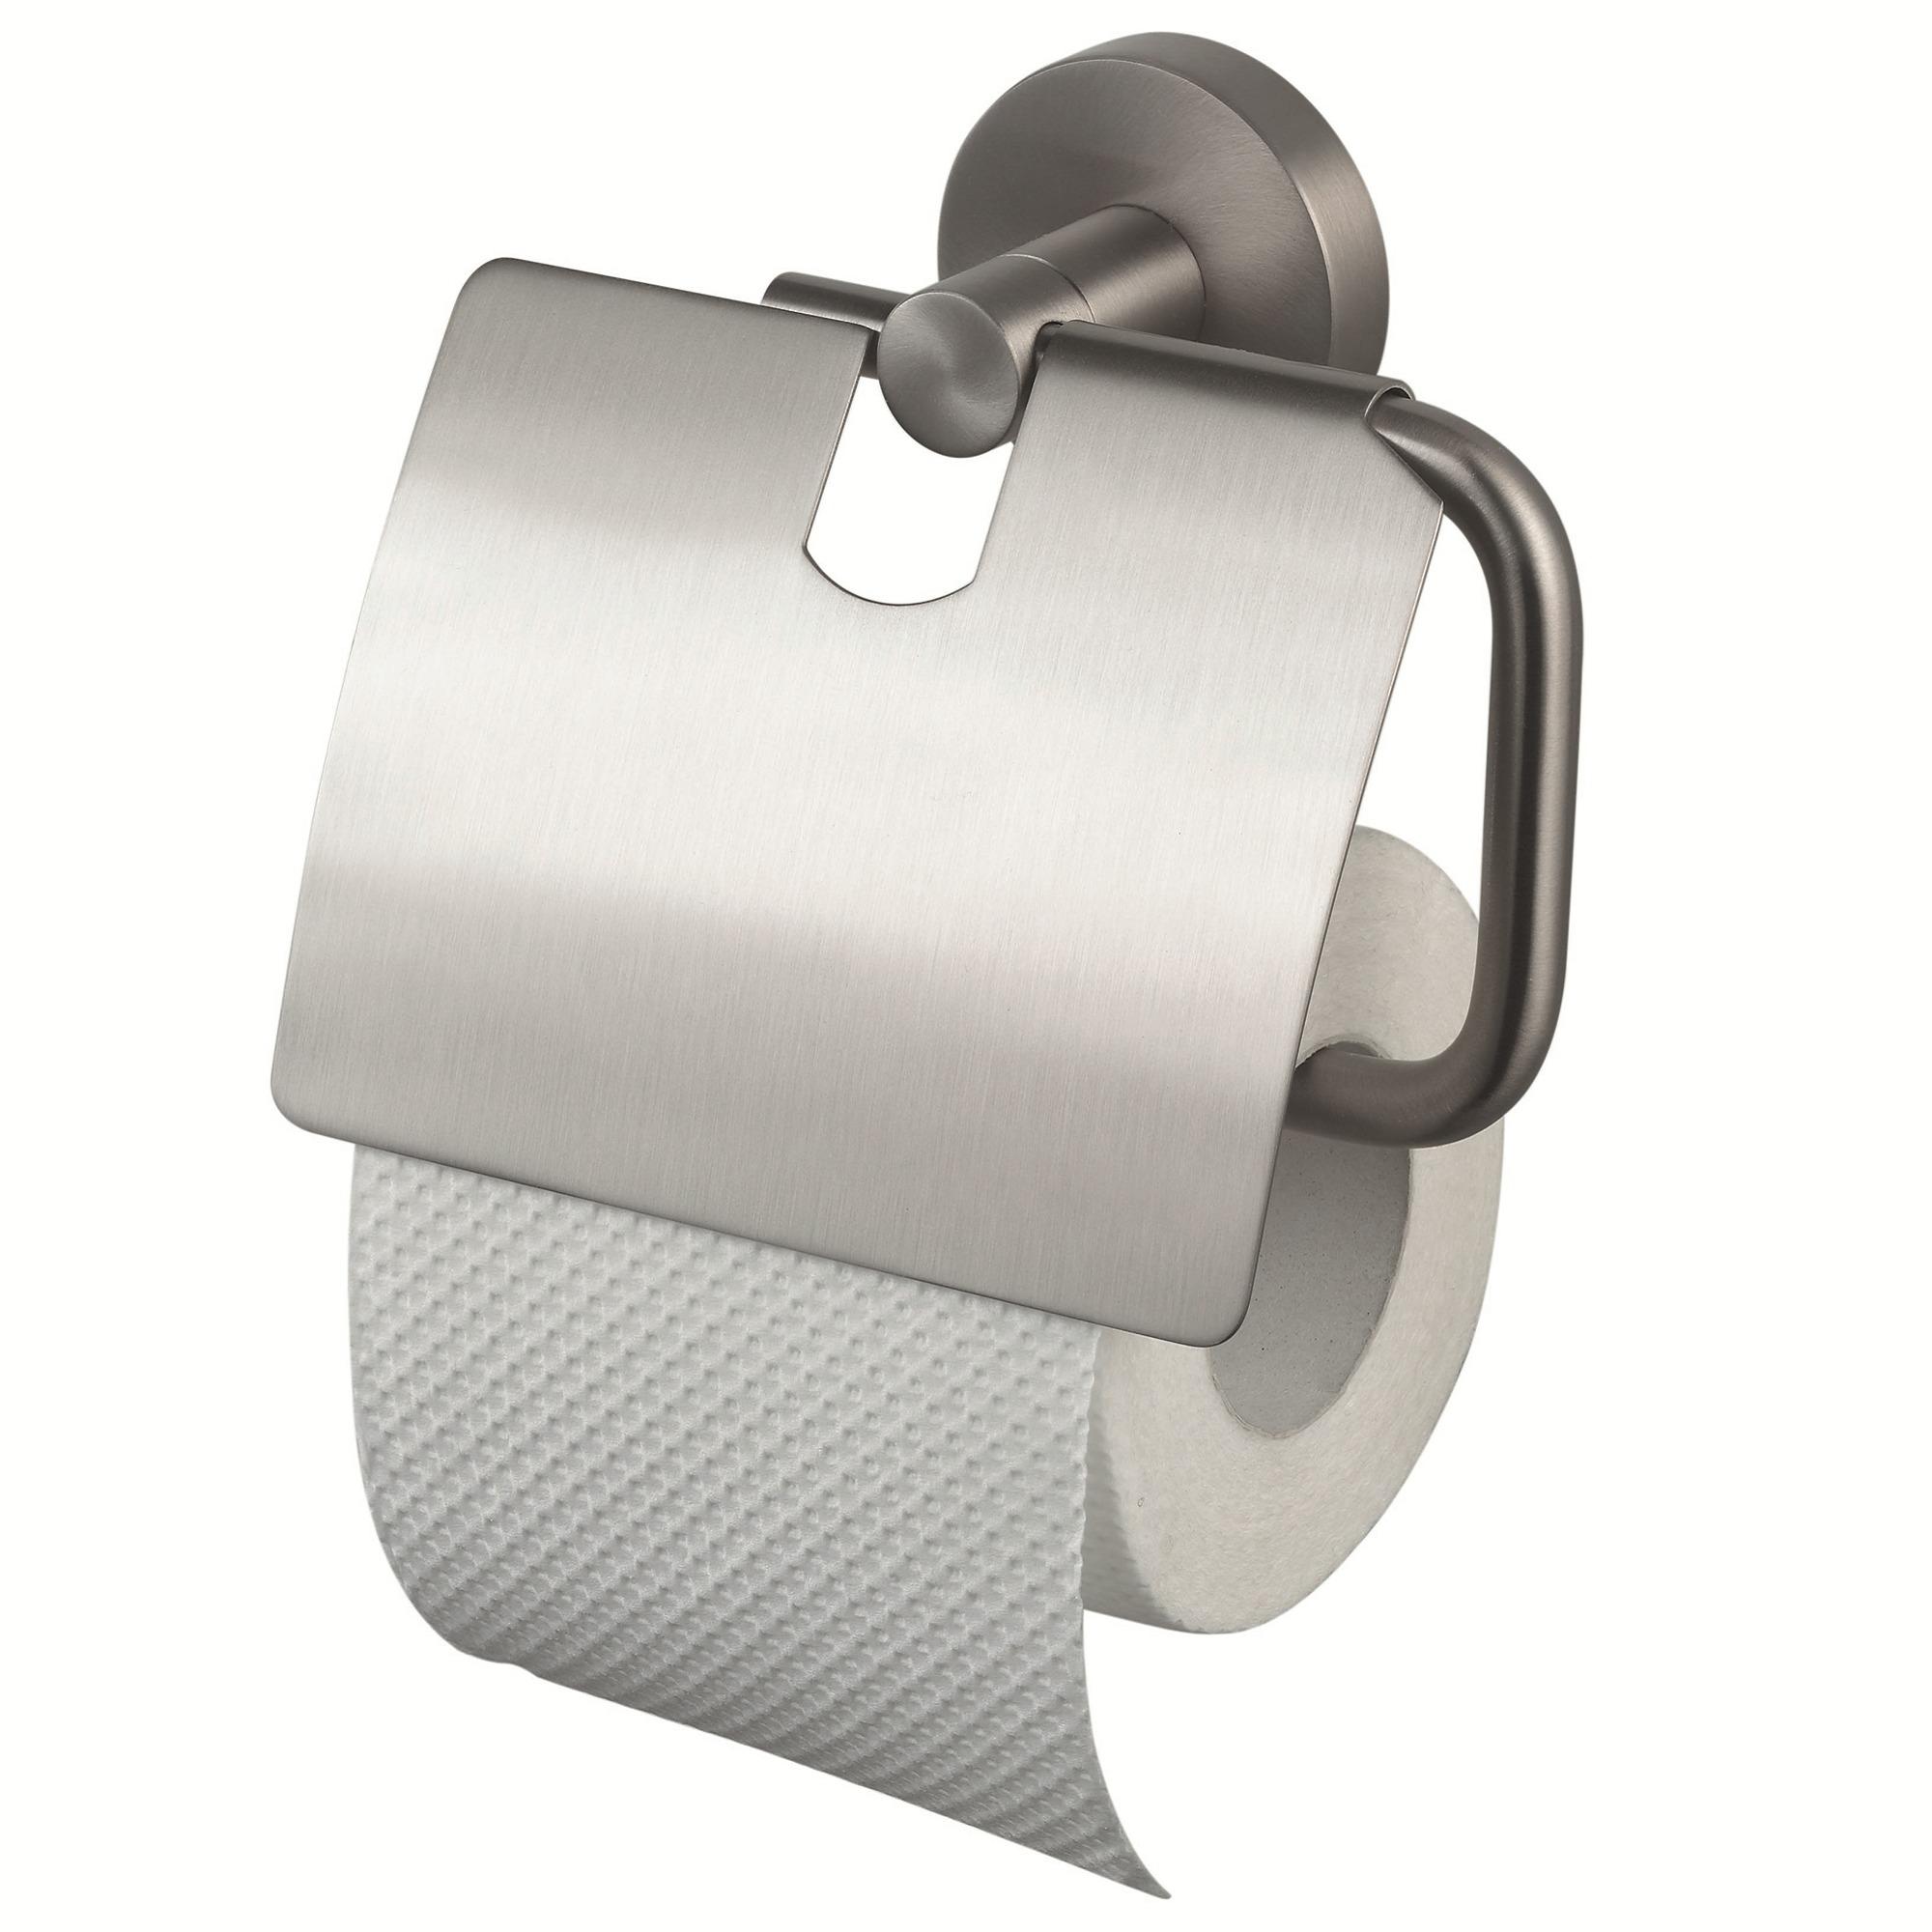 Haceka Kosmos TEC toiletrolhouder met klep